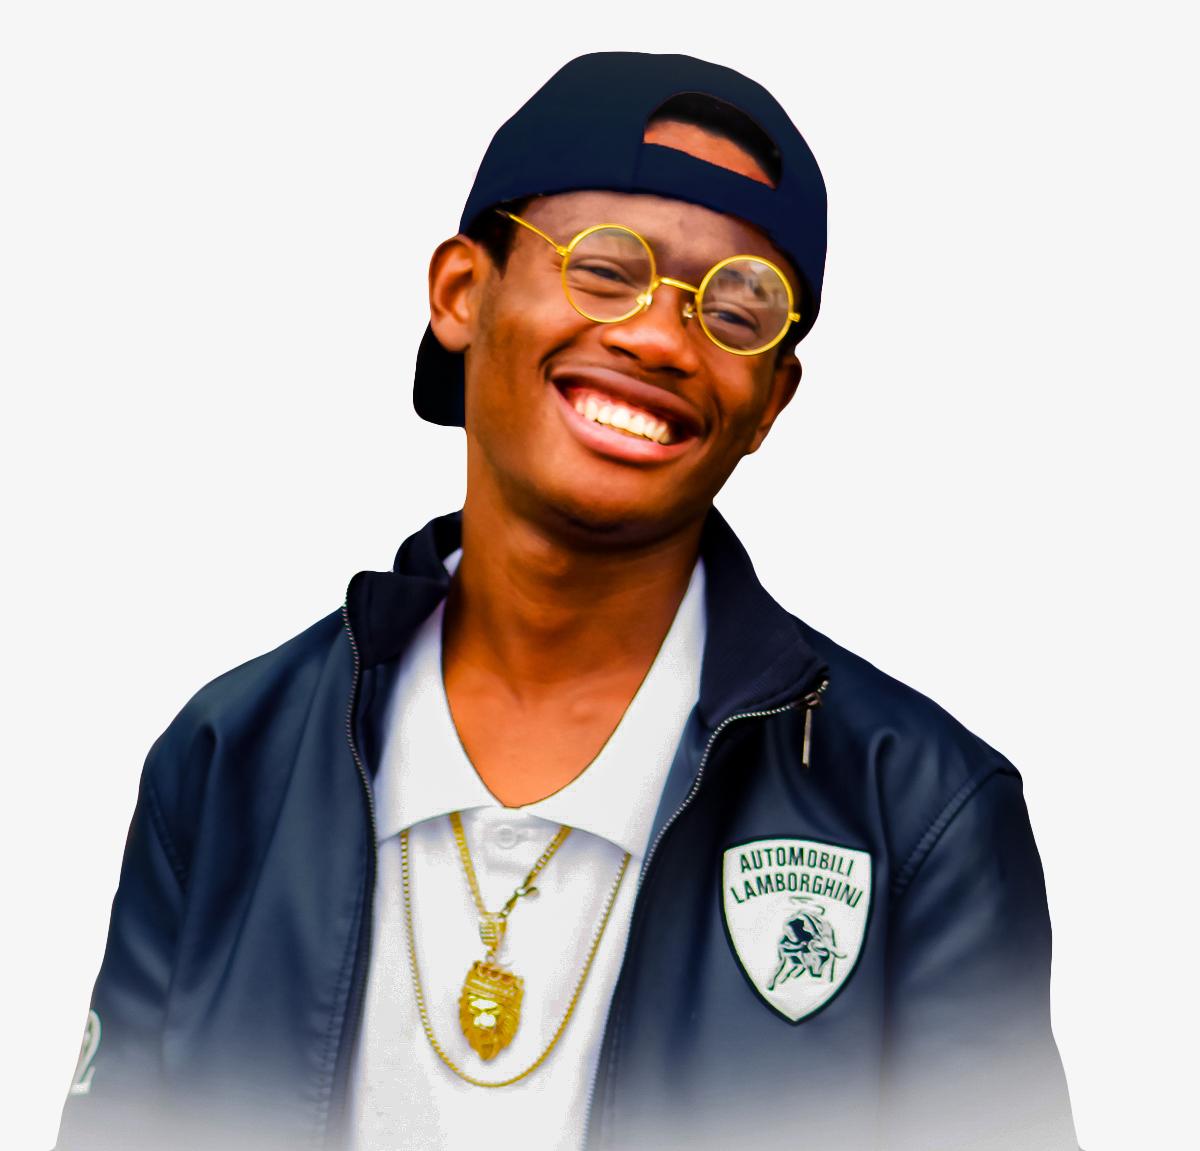 O jovem Tomray, que realizou seu sonho de se tornar rapper graças à ONG Fábrica dos Sonhos; na foto, garoto usa boné pra trás, óculos e sorri